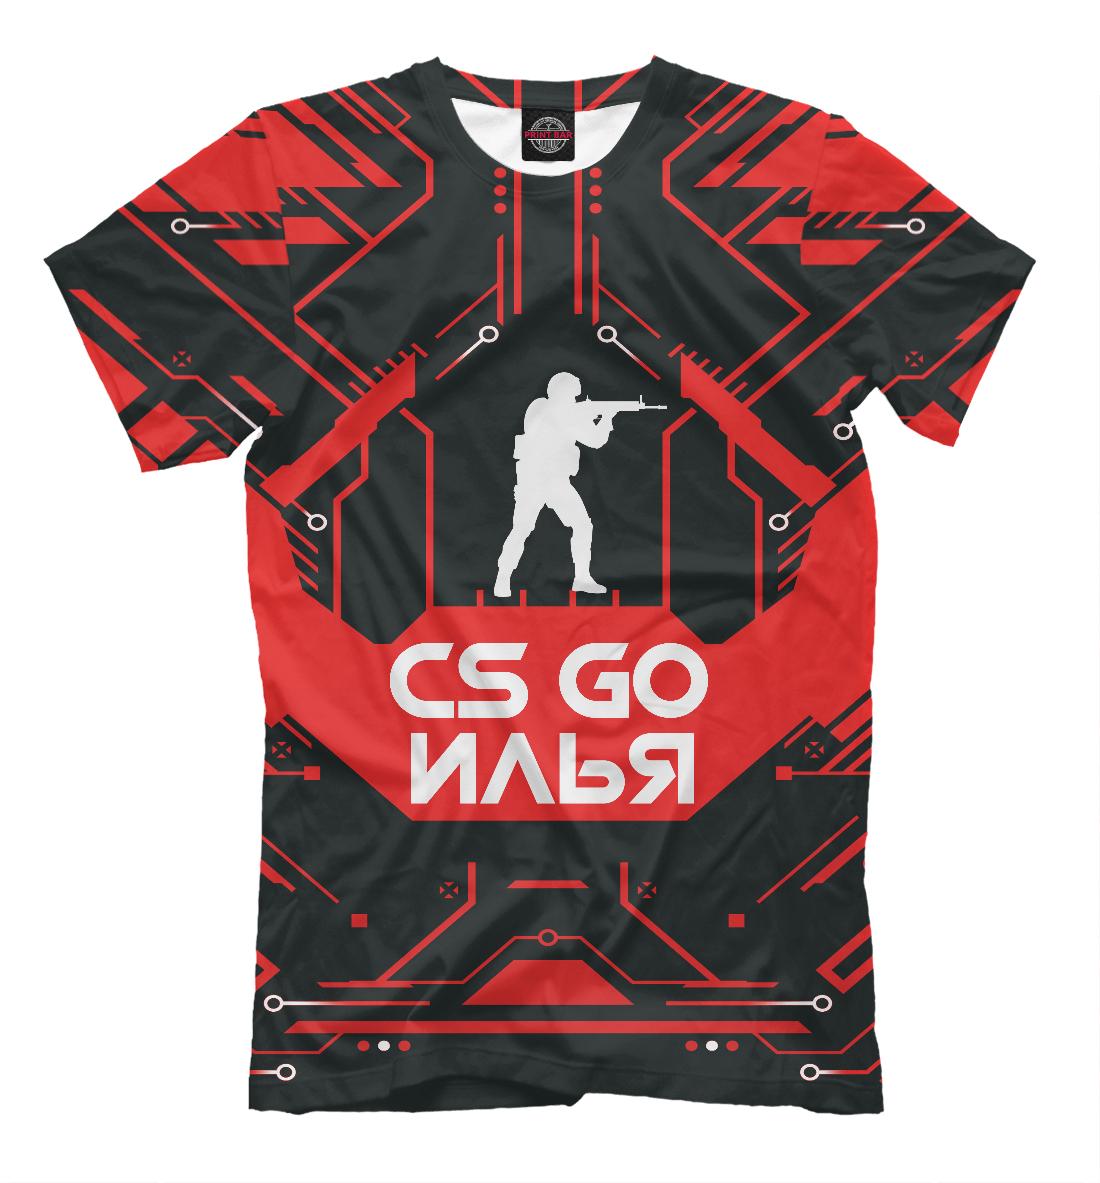 Купить Илья в стиле CS GO, Printbar, Футболки, ILY-103764-fut-2